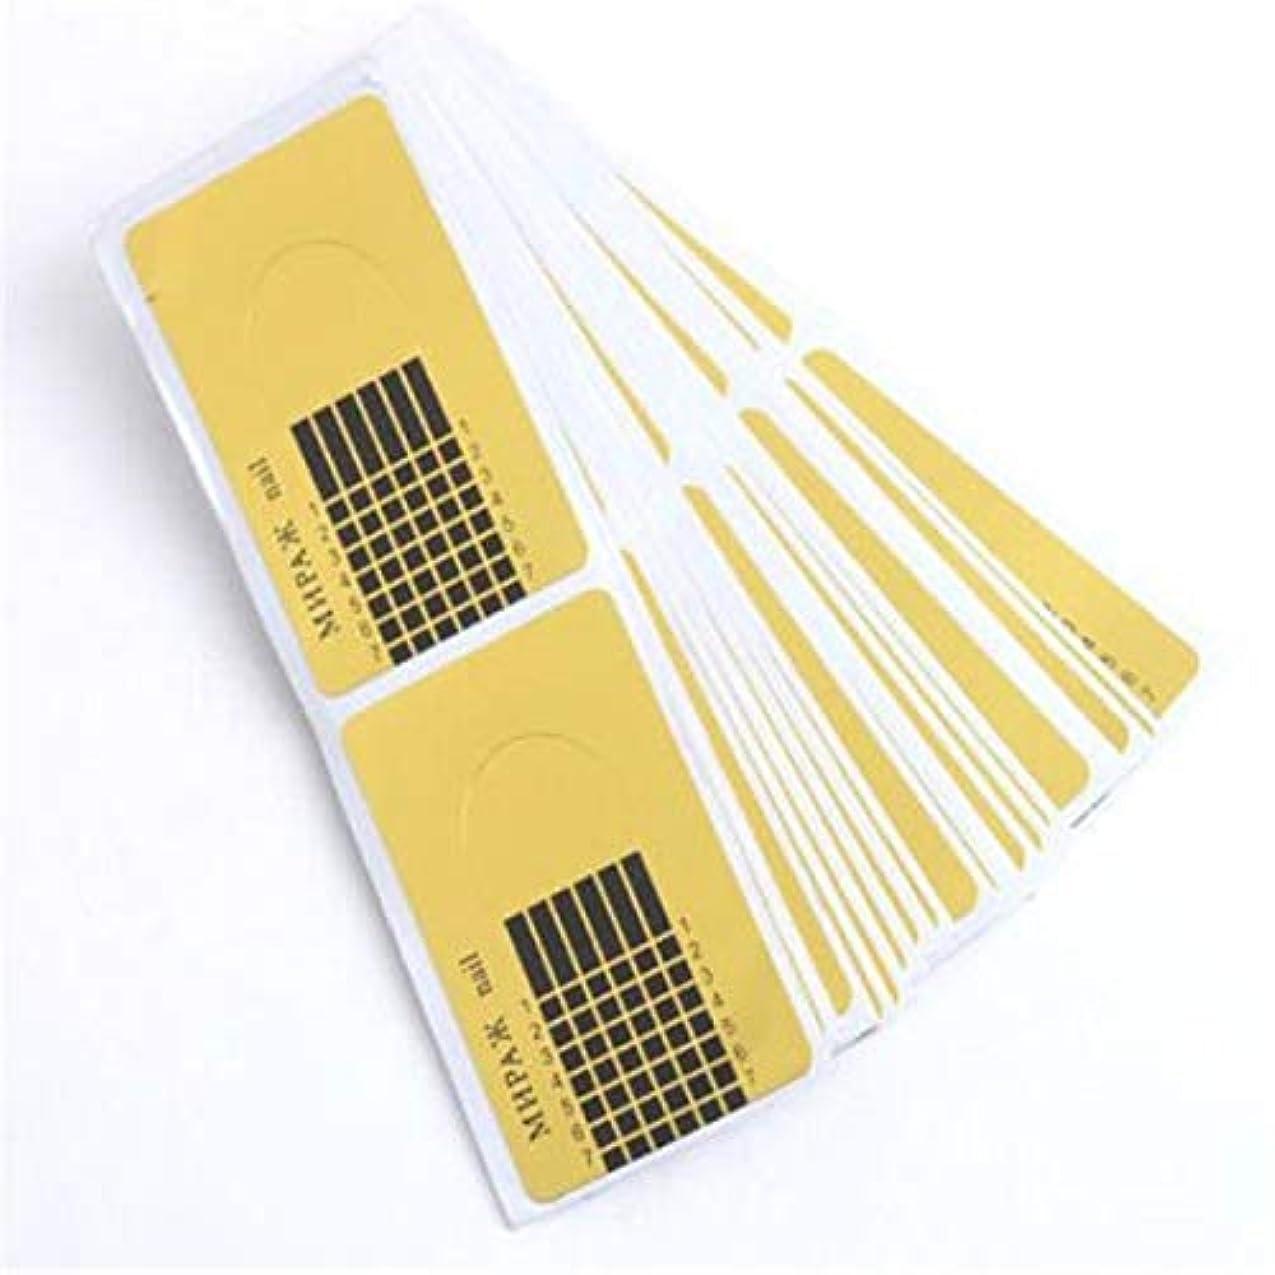 悩み国民投票アンティークWadachikis 信頼性デザイン100個新しいコンセプトゴールド昆虫タイプ指トリートメント爪サポートクリスタル特殊ホルダー(None golden)